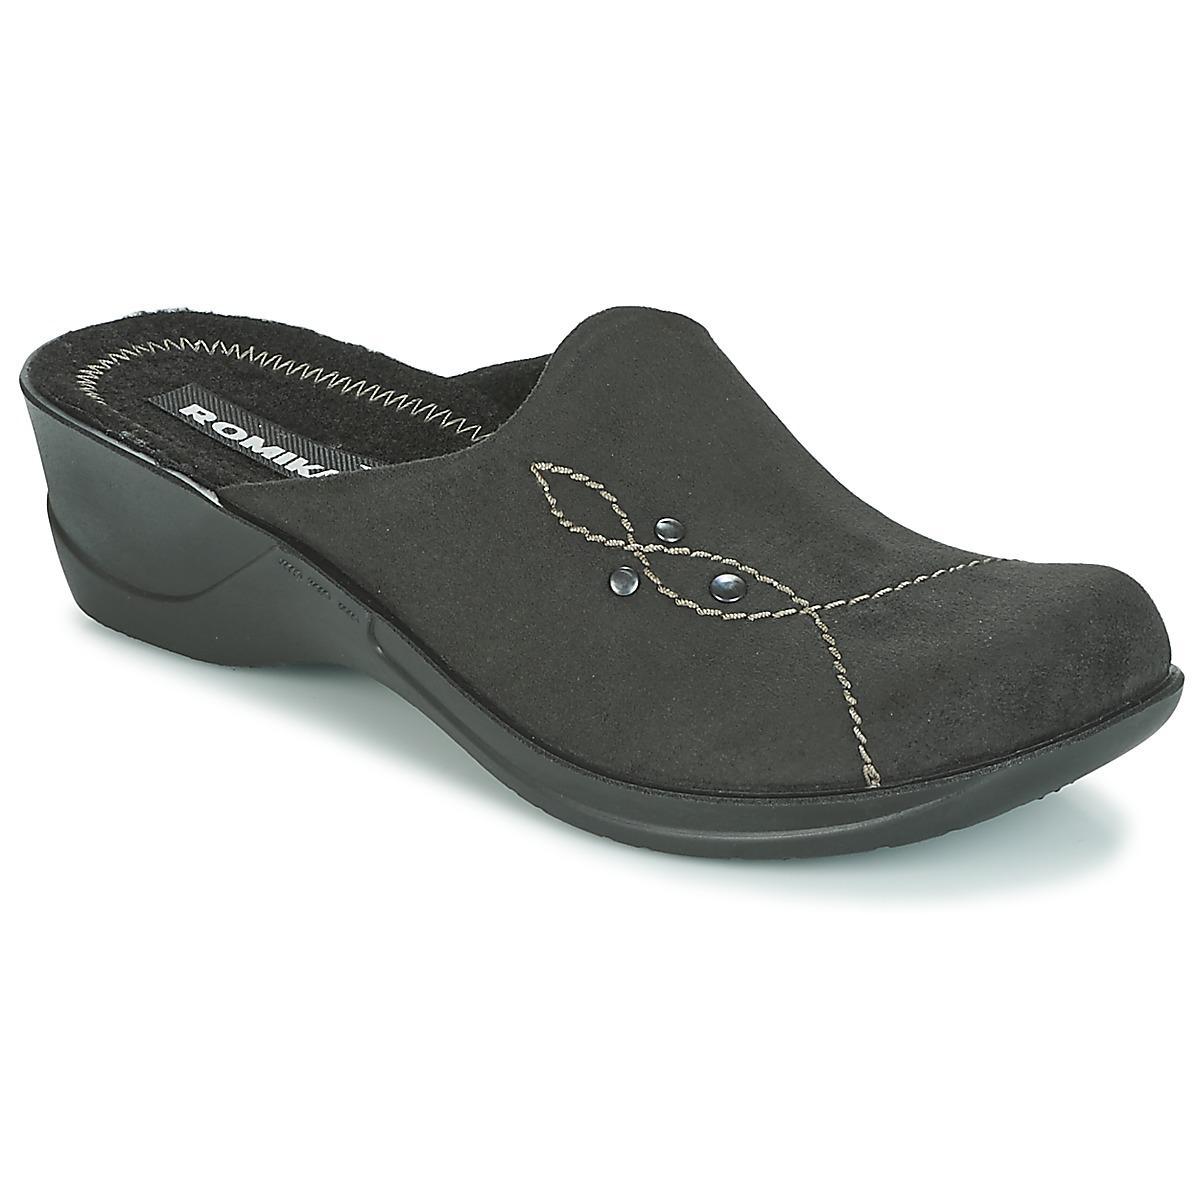 Freies Verschiffen Kaufen Mode Günstig Online Romika Villa 102 schwarz - Damen Sandalen Für Billig Günstig Online 9VTlPh6E